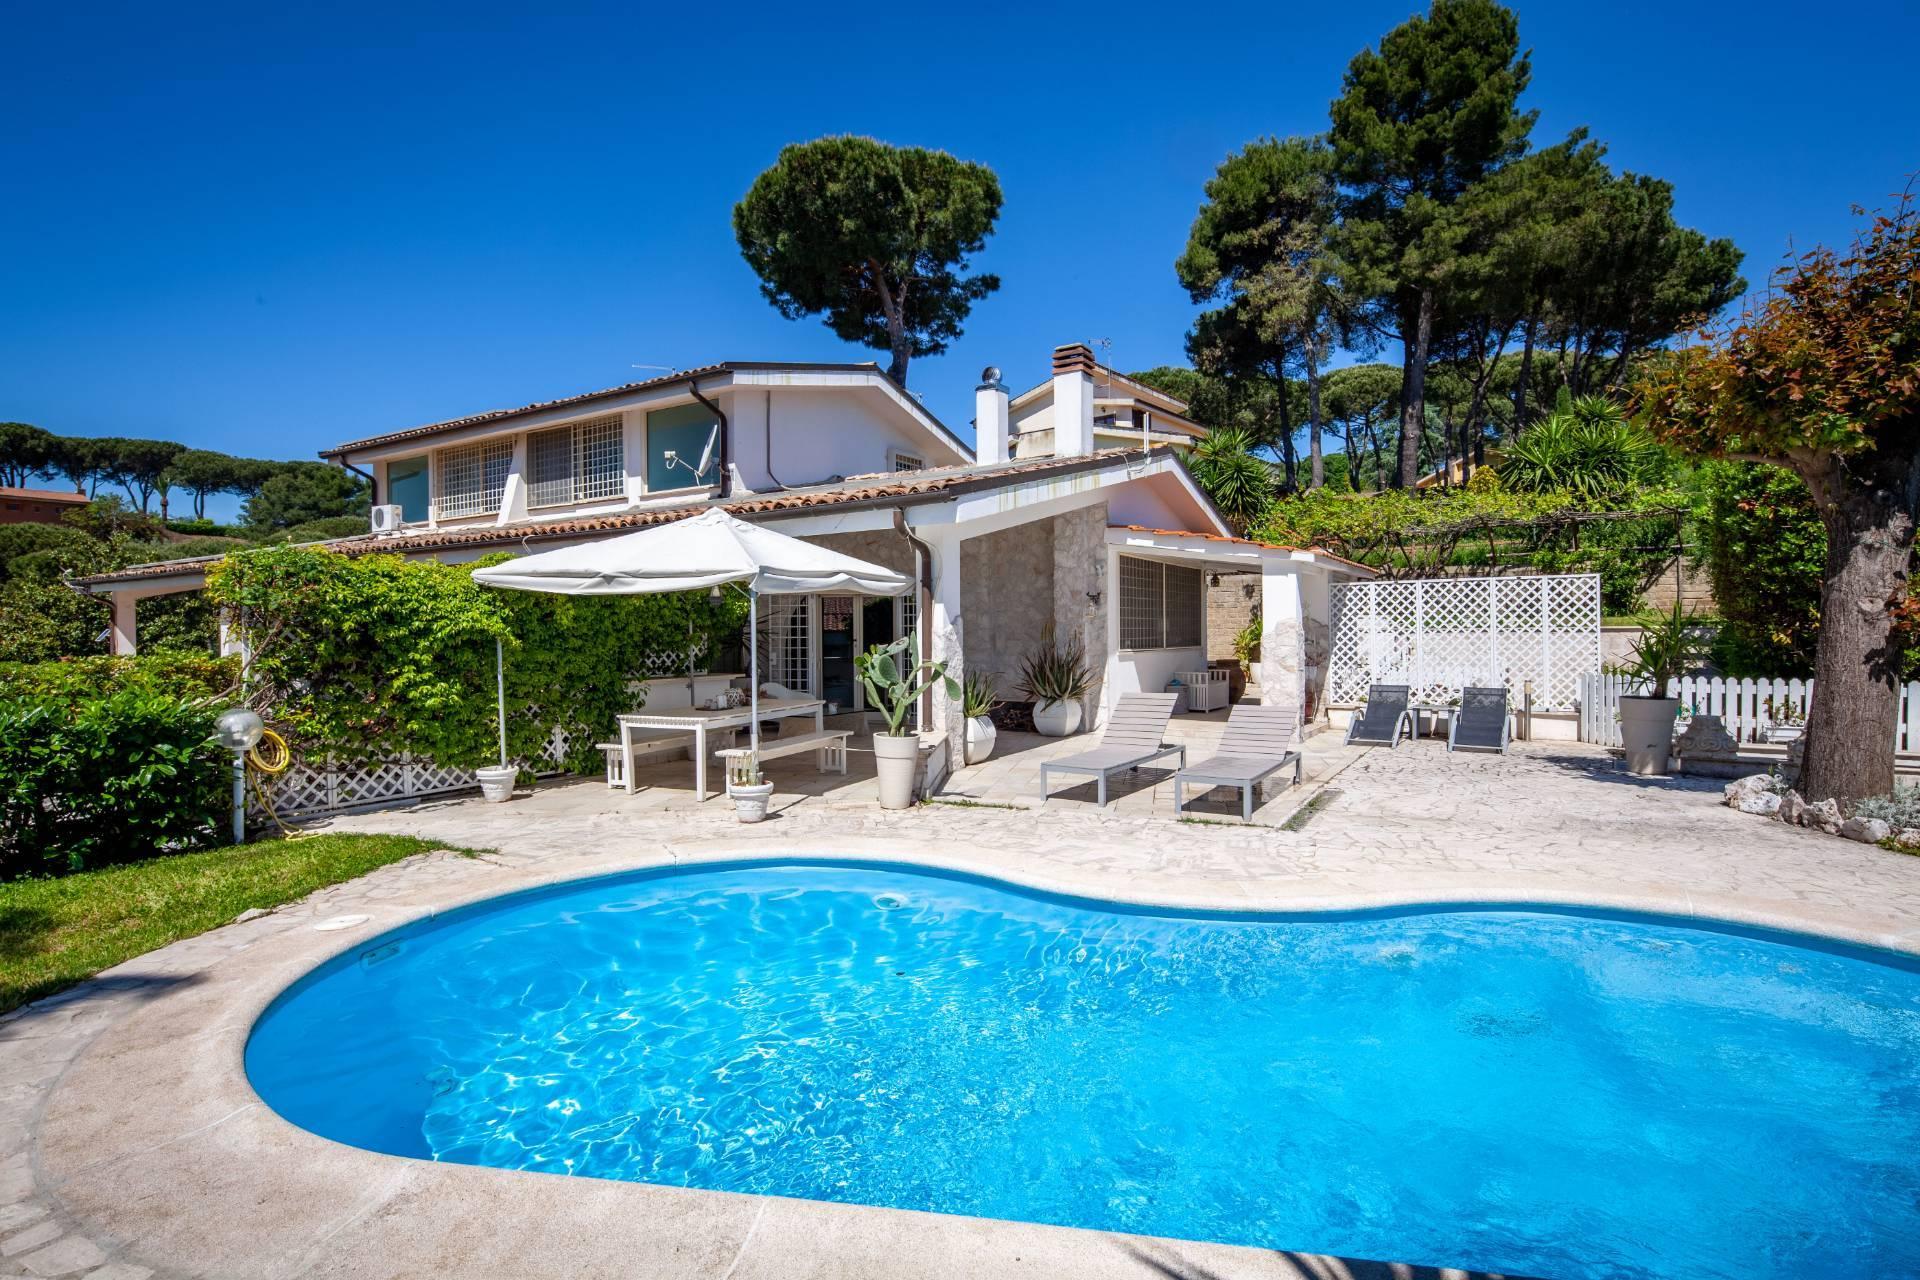 Villa in vendita a Castelnuovo di Porto, 8 locali, prezzo € 370.000 | CambioCasa.it